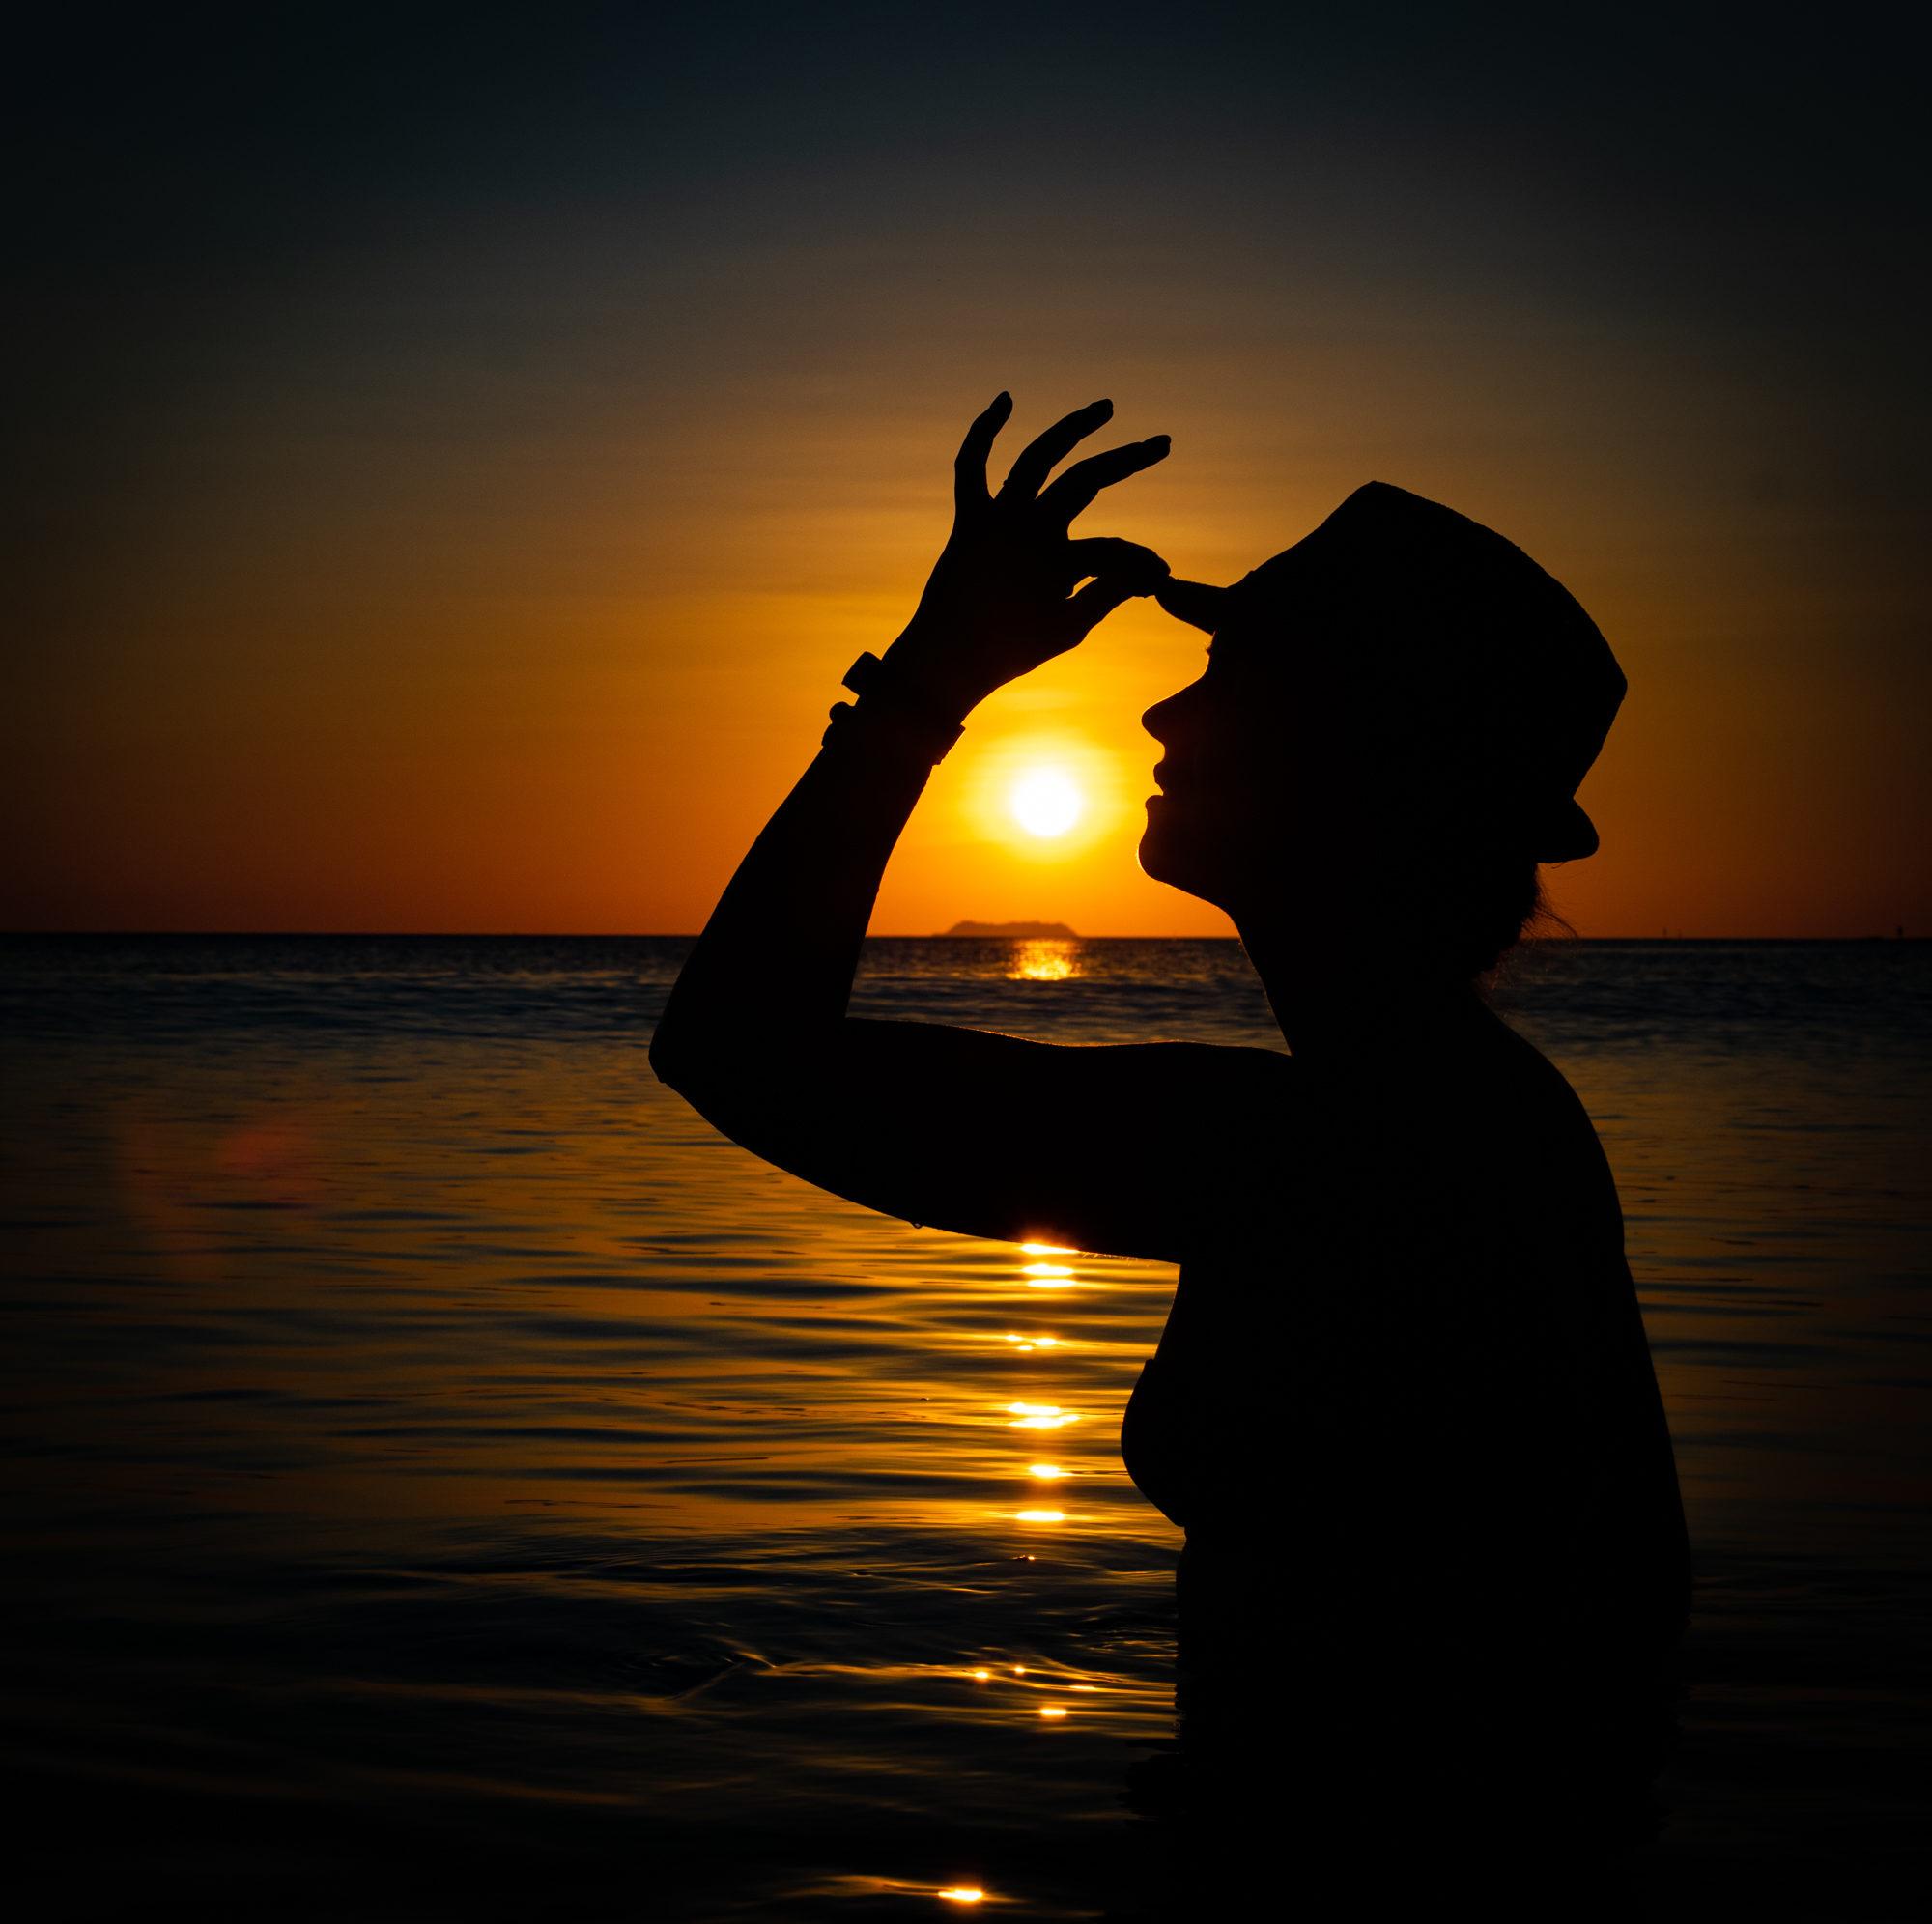 thailand koh lanta sunset